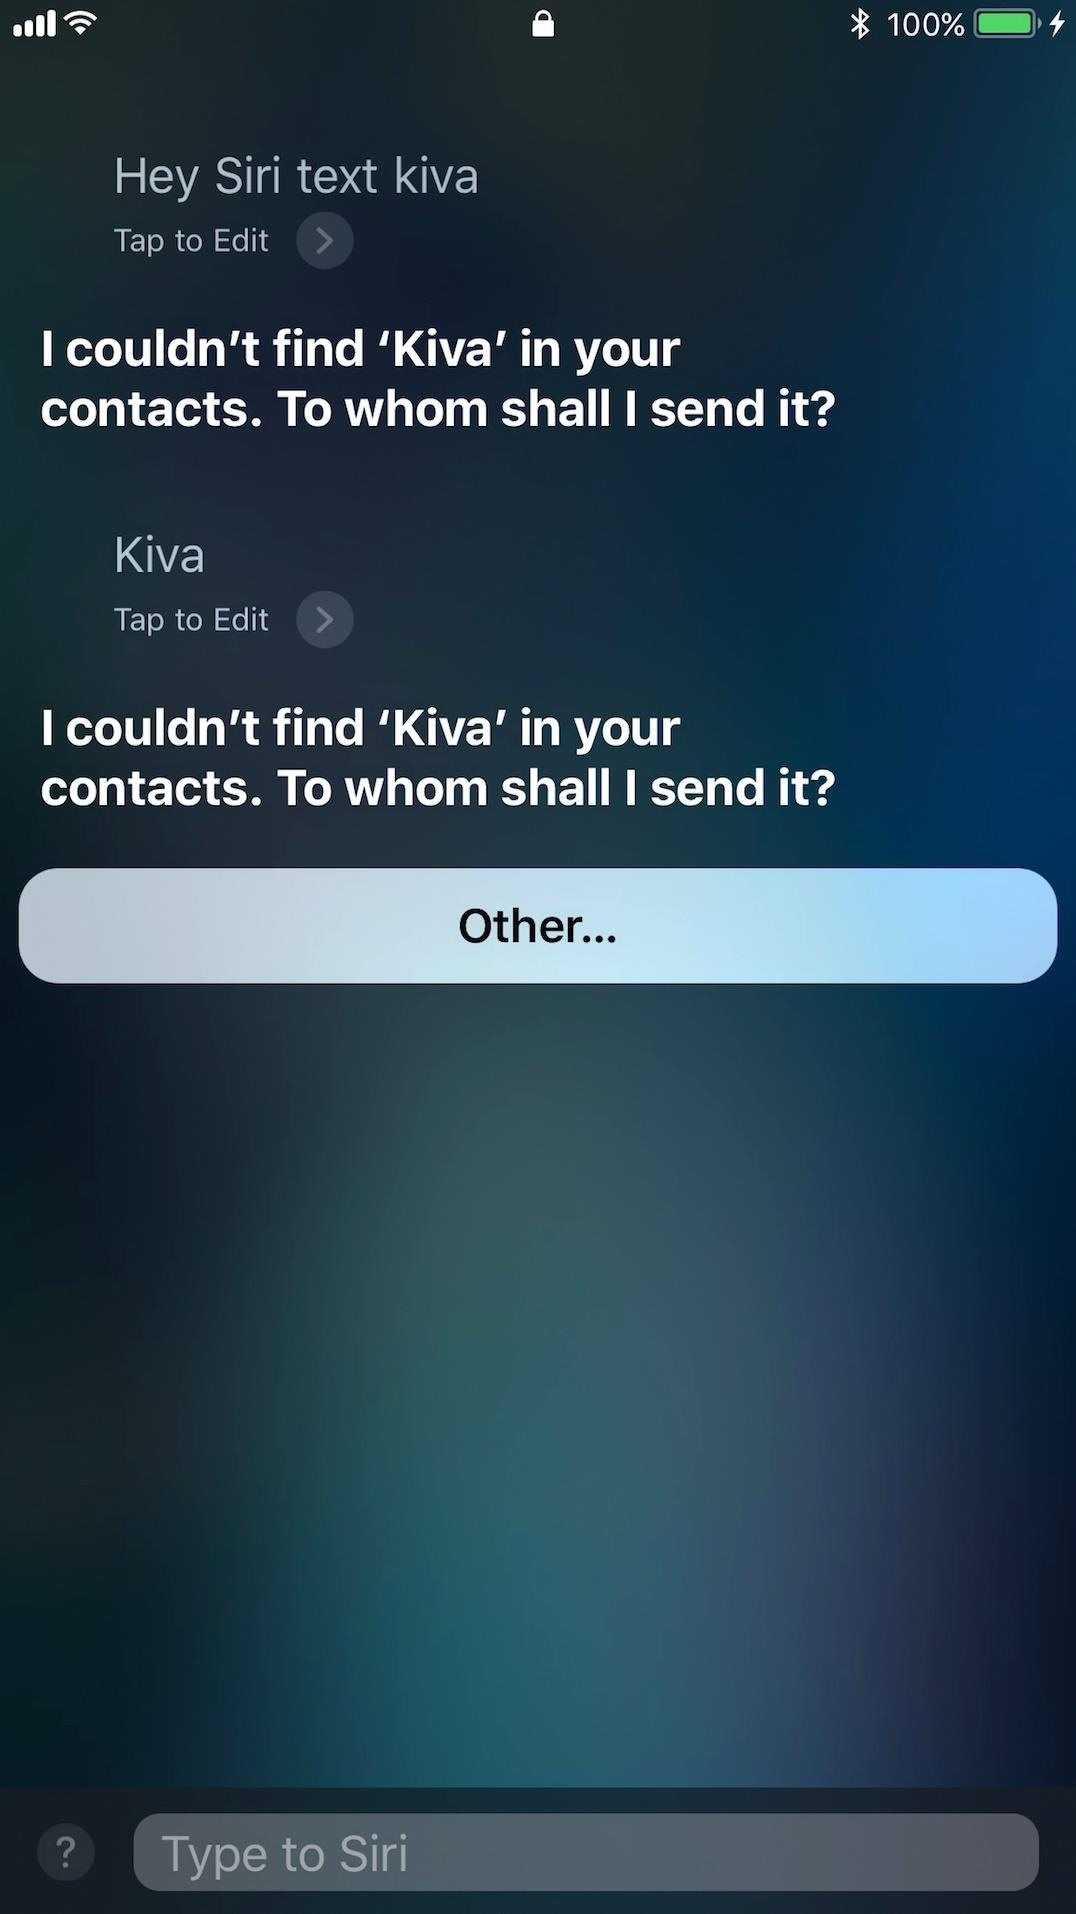 Бывший сотрудник apple рассказал о прослушке пользователей через siri